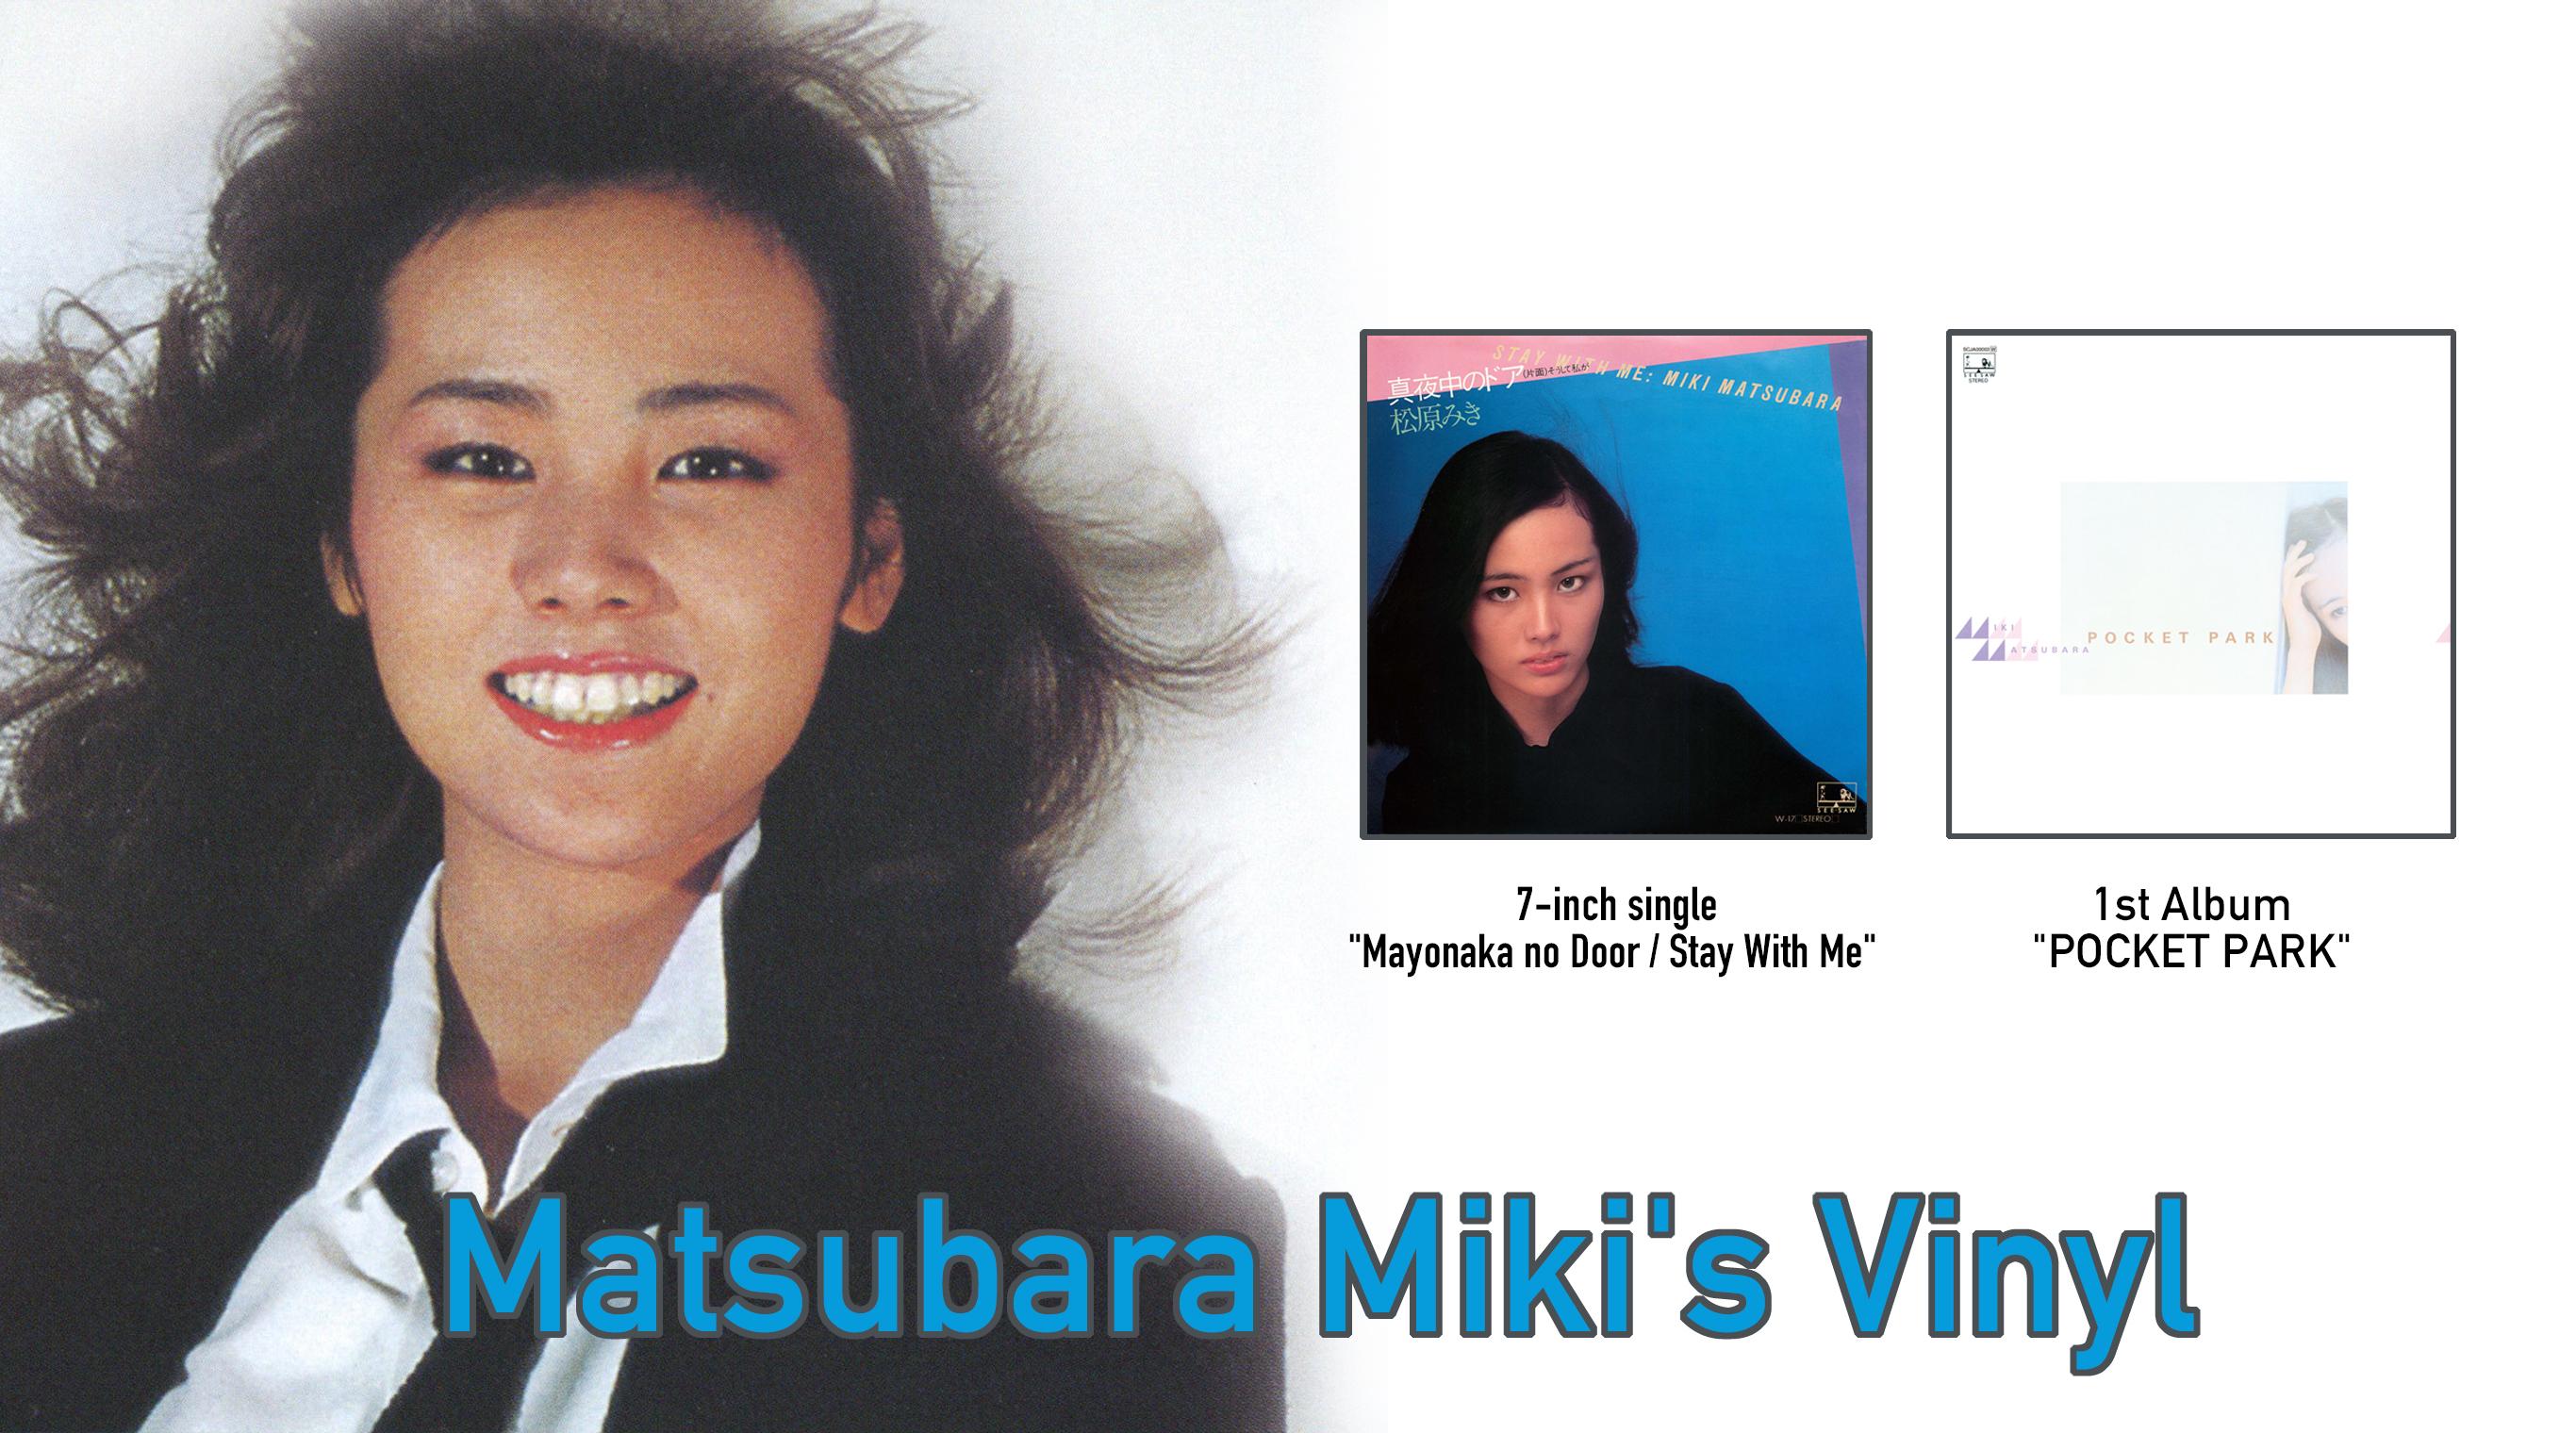 matsubara miki